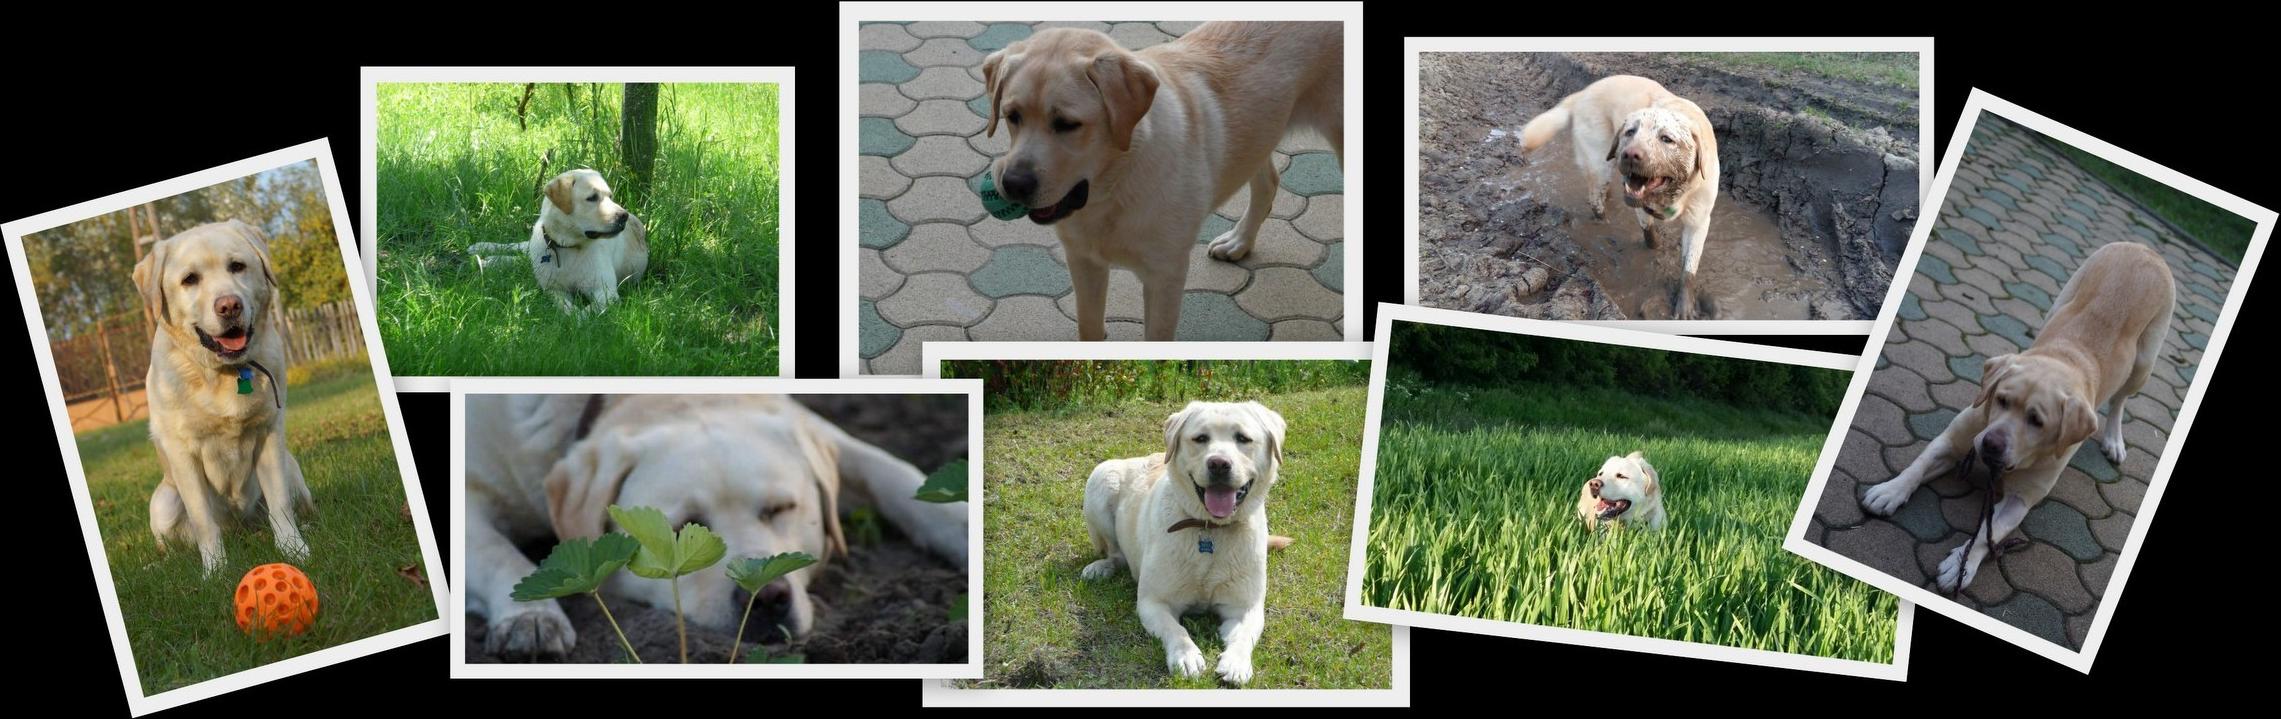 dogbistro-rolunk